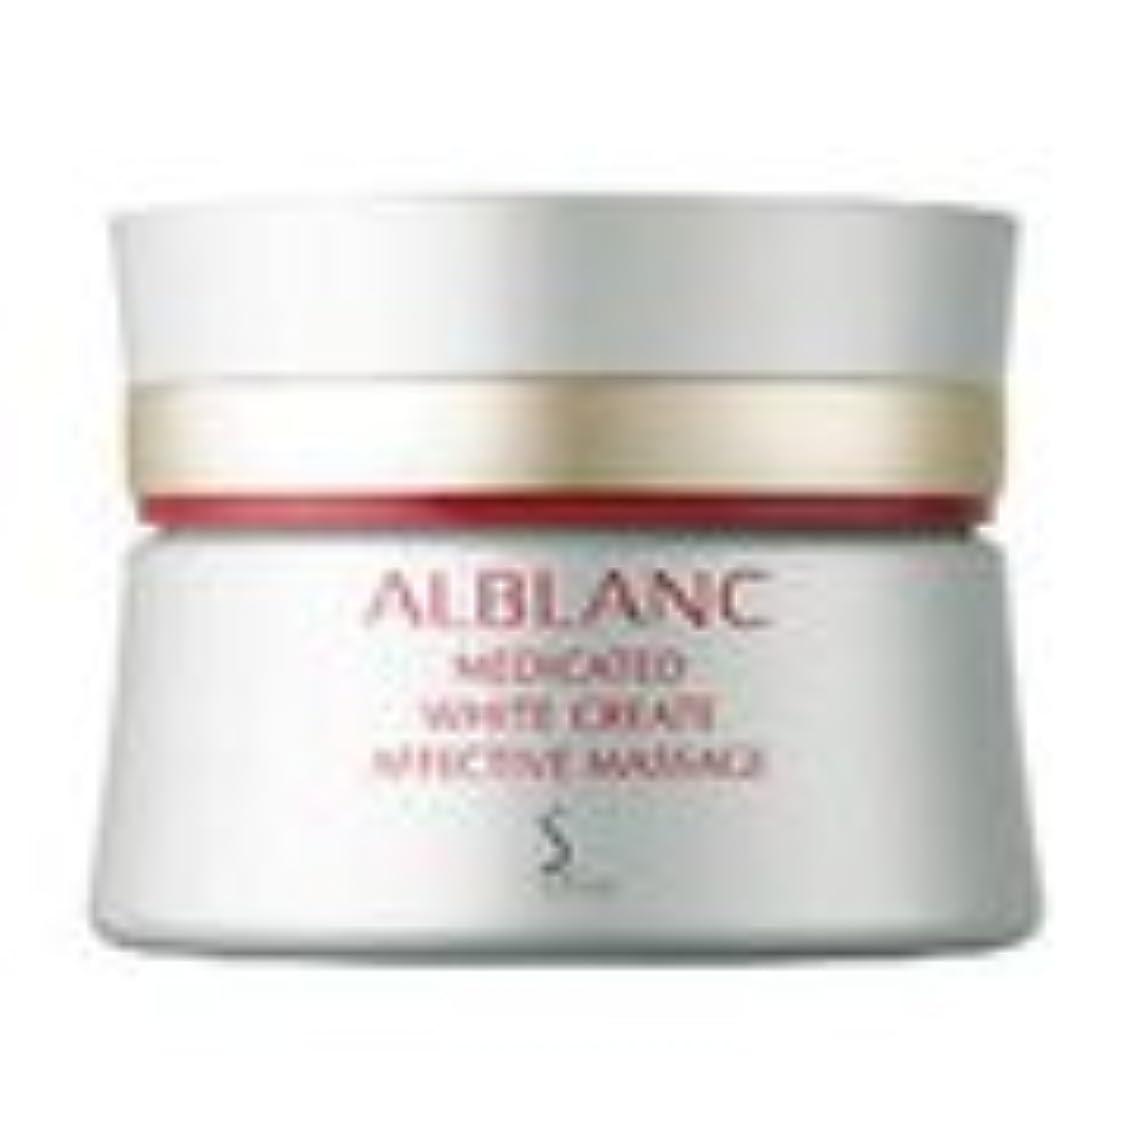 乳争い適切な花王 ソフィーナアルブラン薬用ホワイトクリエイトアフェクティブマッサージ